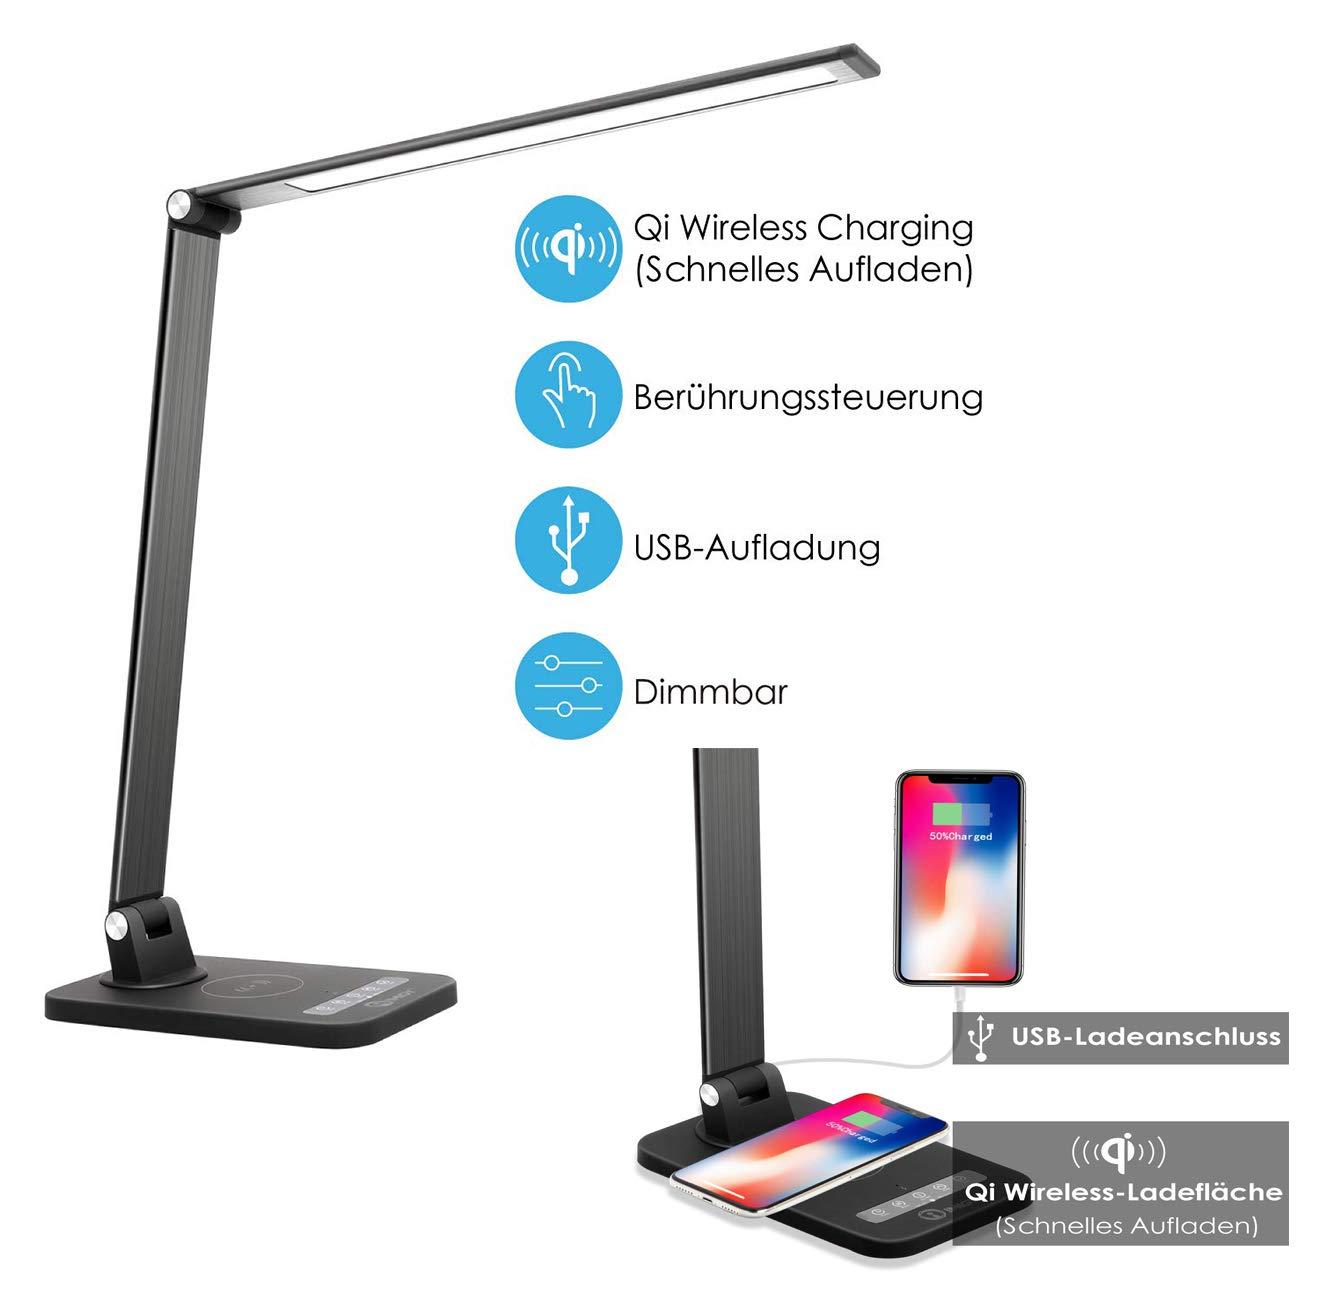 ImiGY 12W Dimmbare LED-Schreibtischlampe mit USB Kabellose Qi-Ladelampe, Dimmbare Bürolampe, Touch-Control mit 6 Helligkeit 5 Farbmodi für iPhone 8 8Plus X Xs Xs Max und Galaxy S8 S9